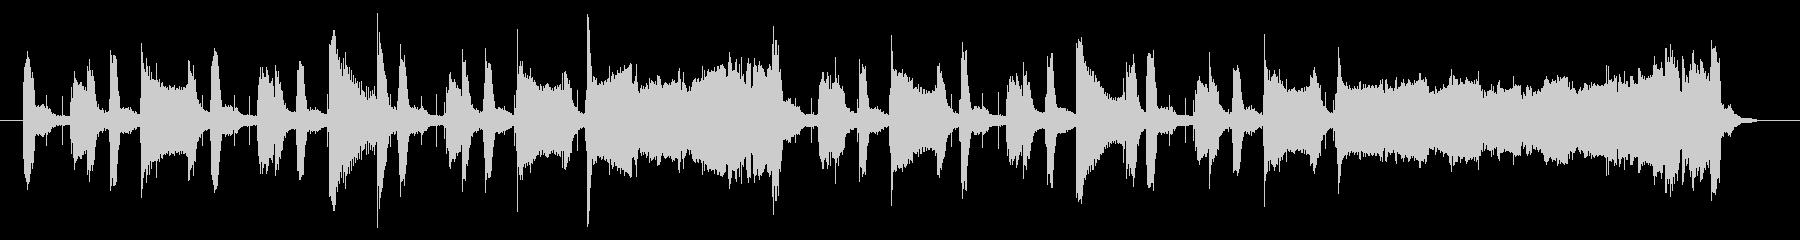 サックスによるジャジーなジングル 22秒の未再生の波形